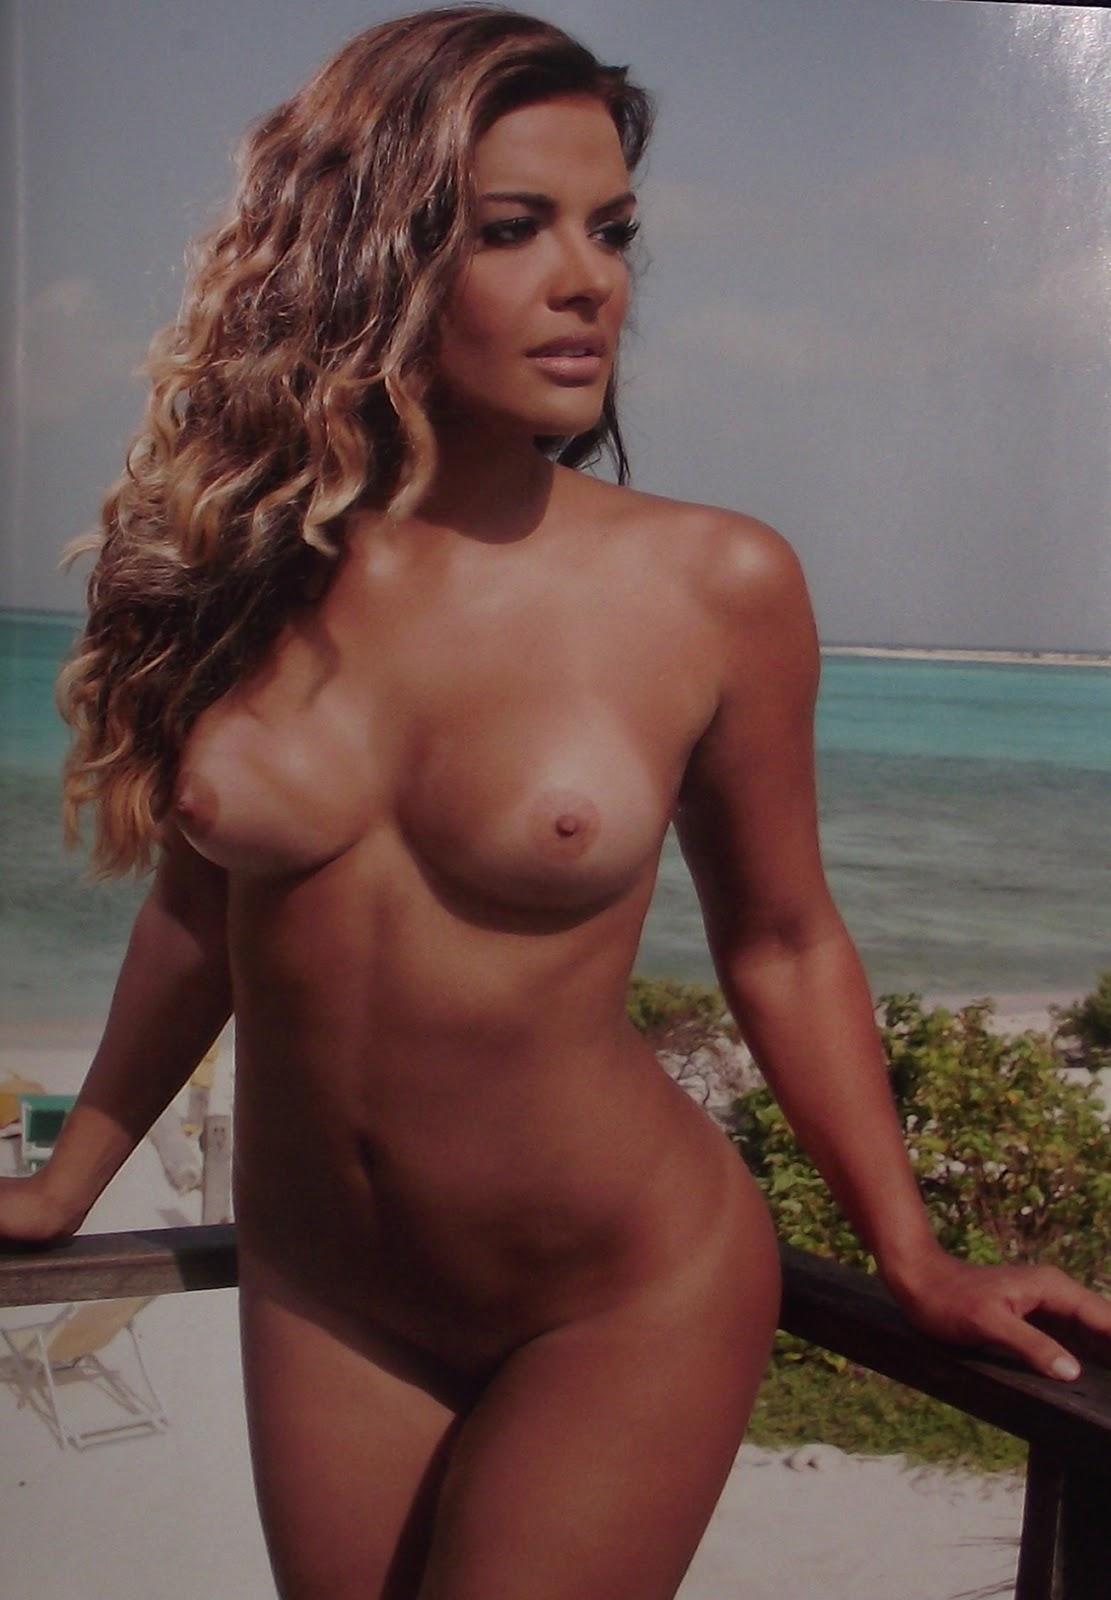 From Desnudas Las Mejores Fotos De La Vagina Diosa Canales Rainpow